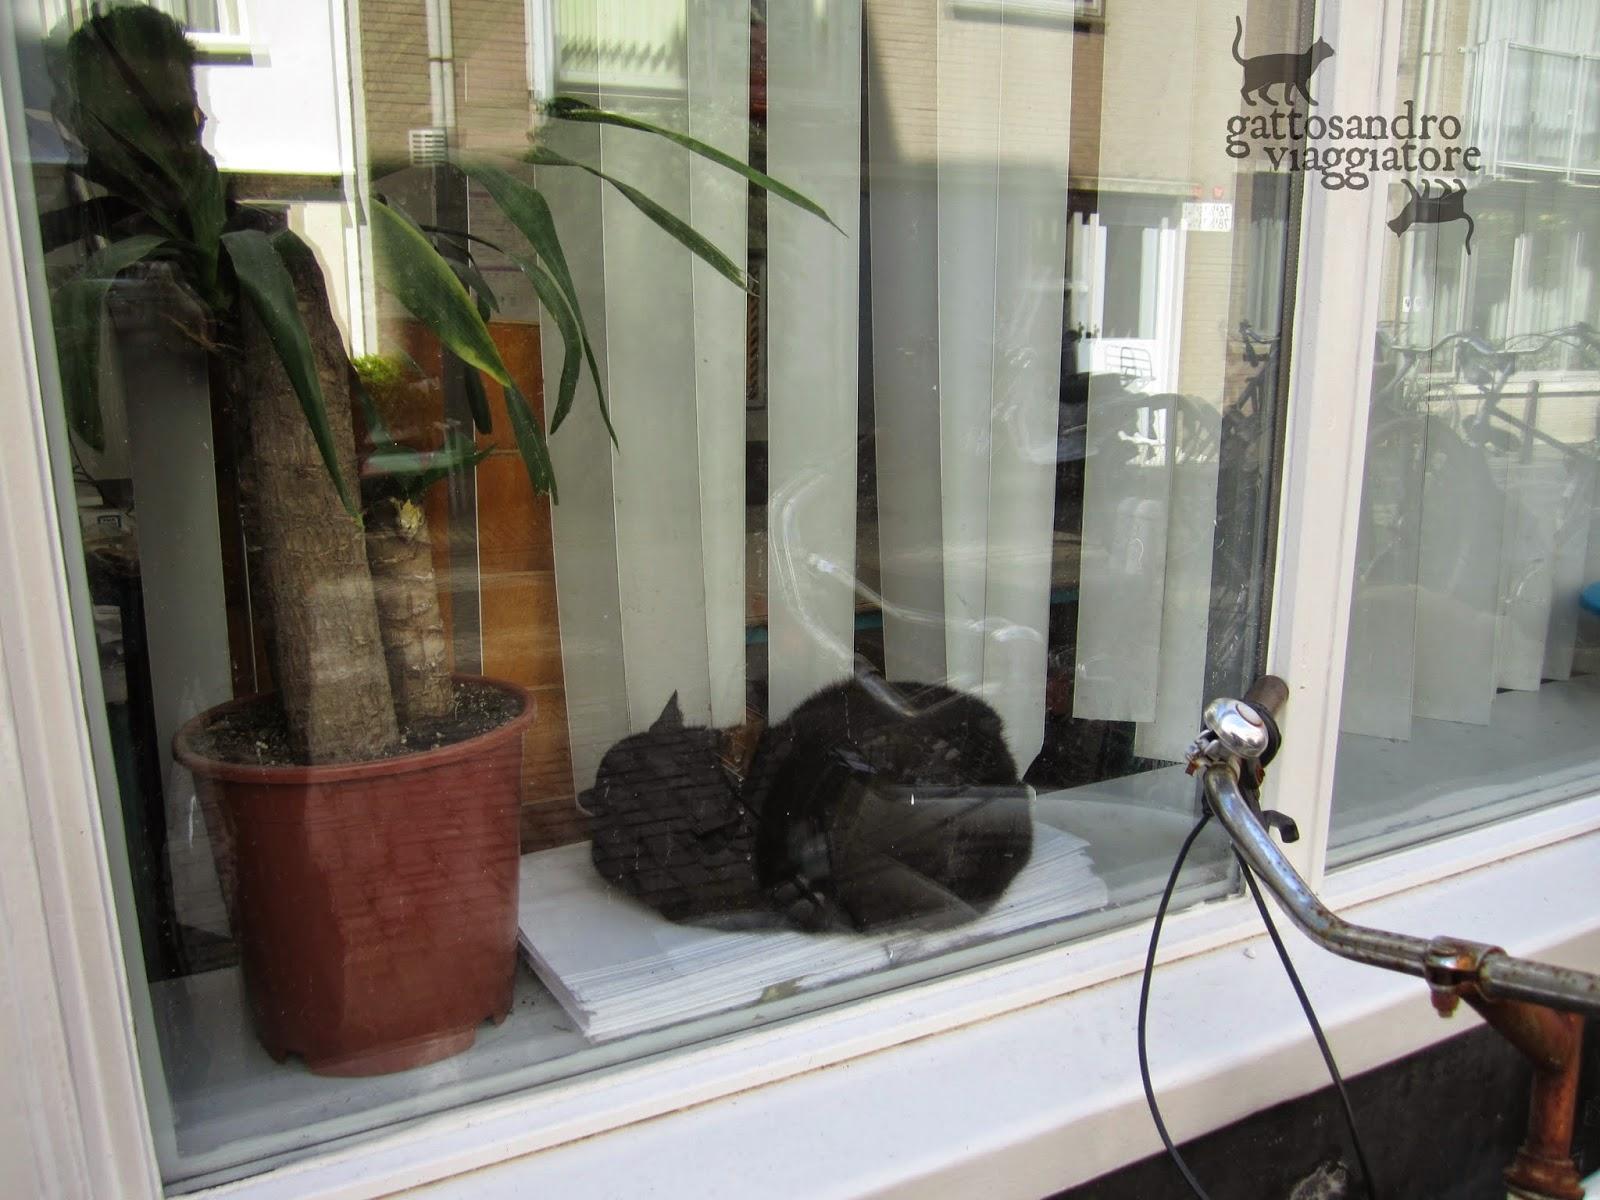 Gatto nero alla finestra